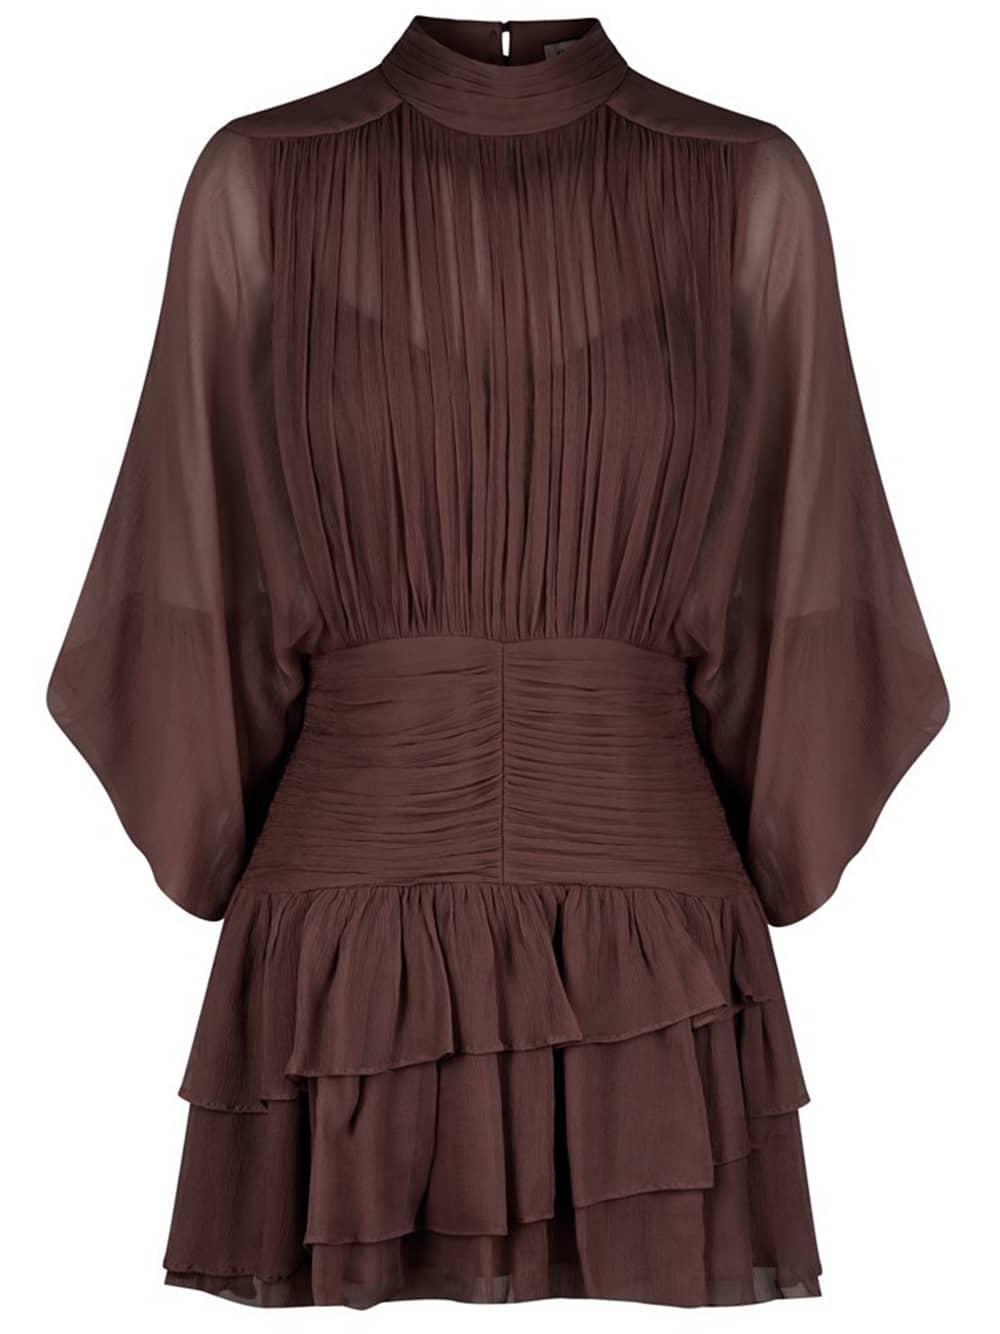 Olympia Ruched Mini Dress Item # 213057